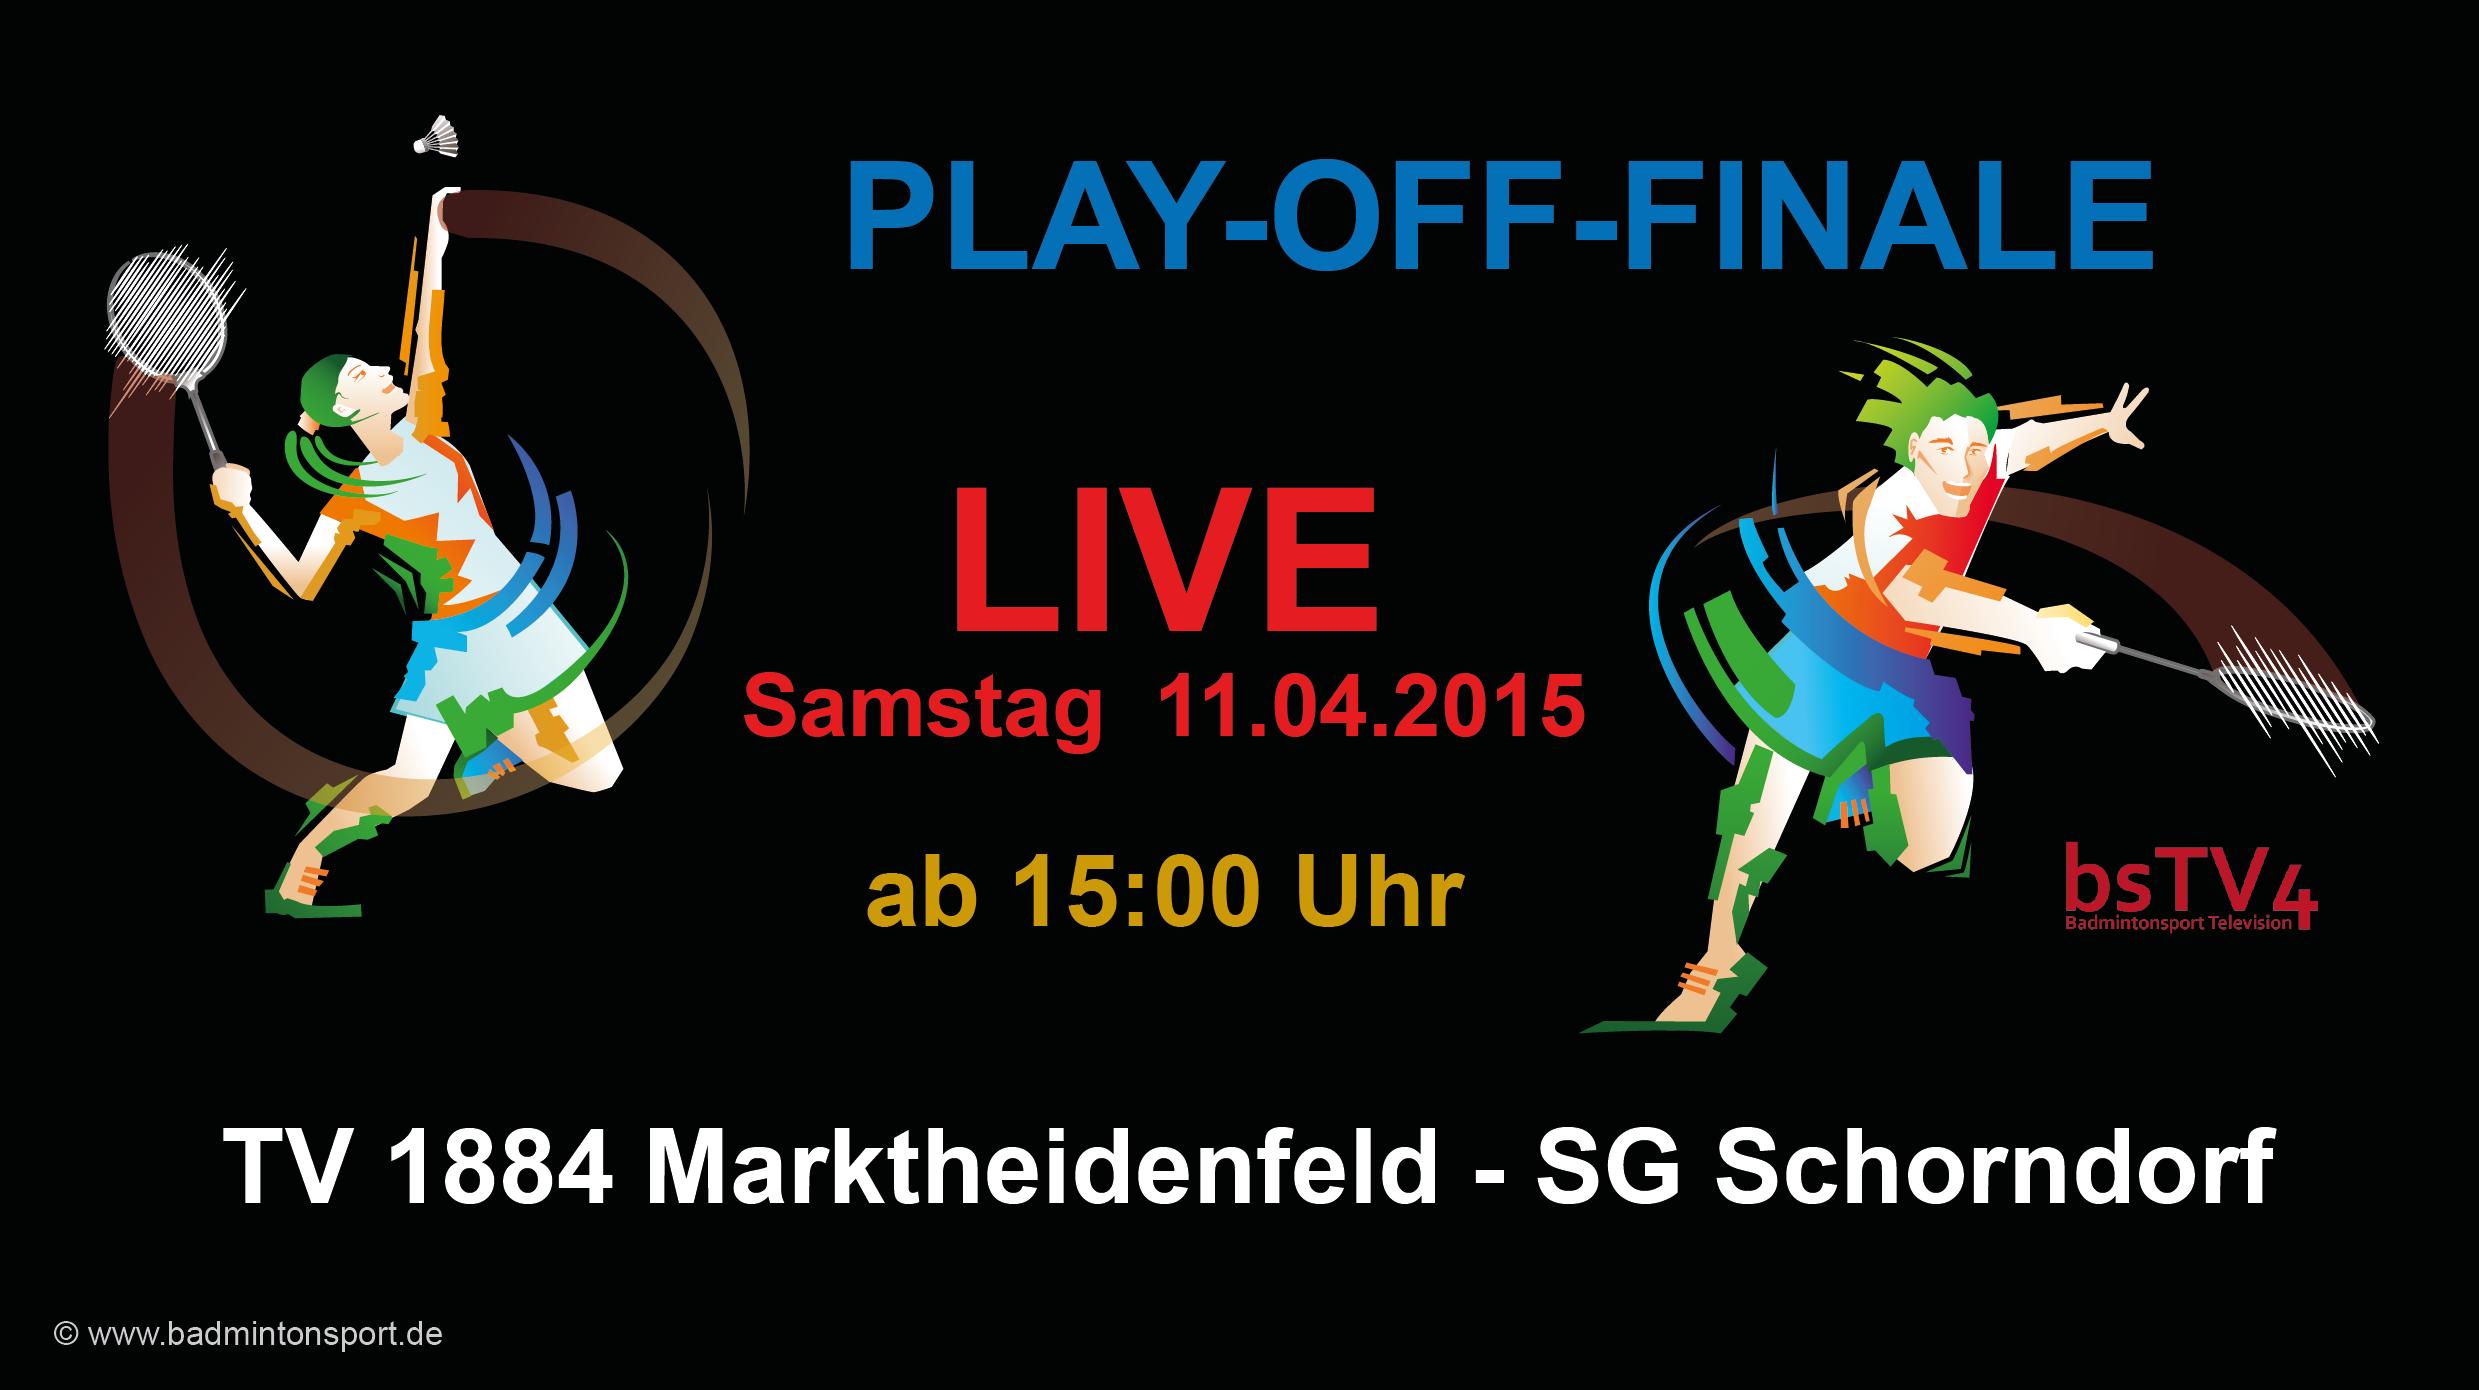 PLAY-OFF-FINALE: 11.04.2015 1884 Marktheidenfeld – SG Schorndorf